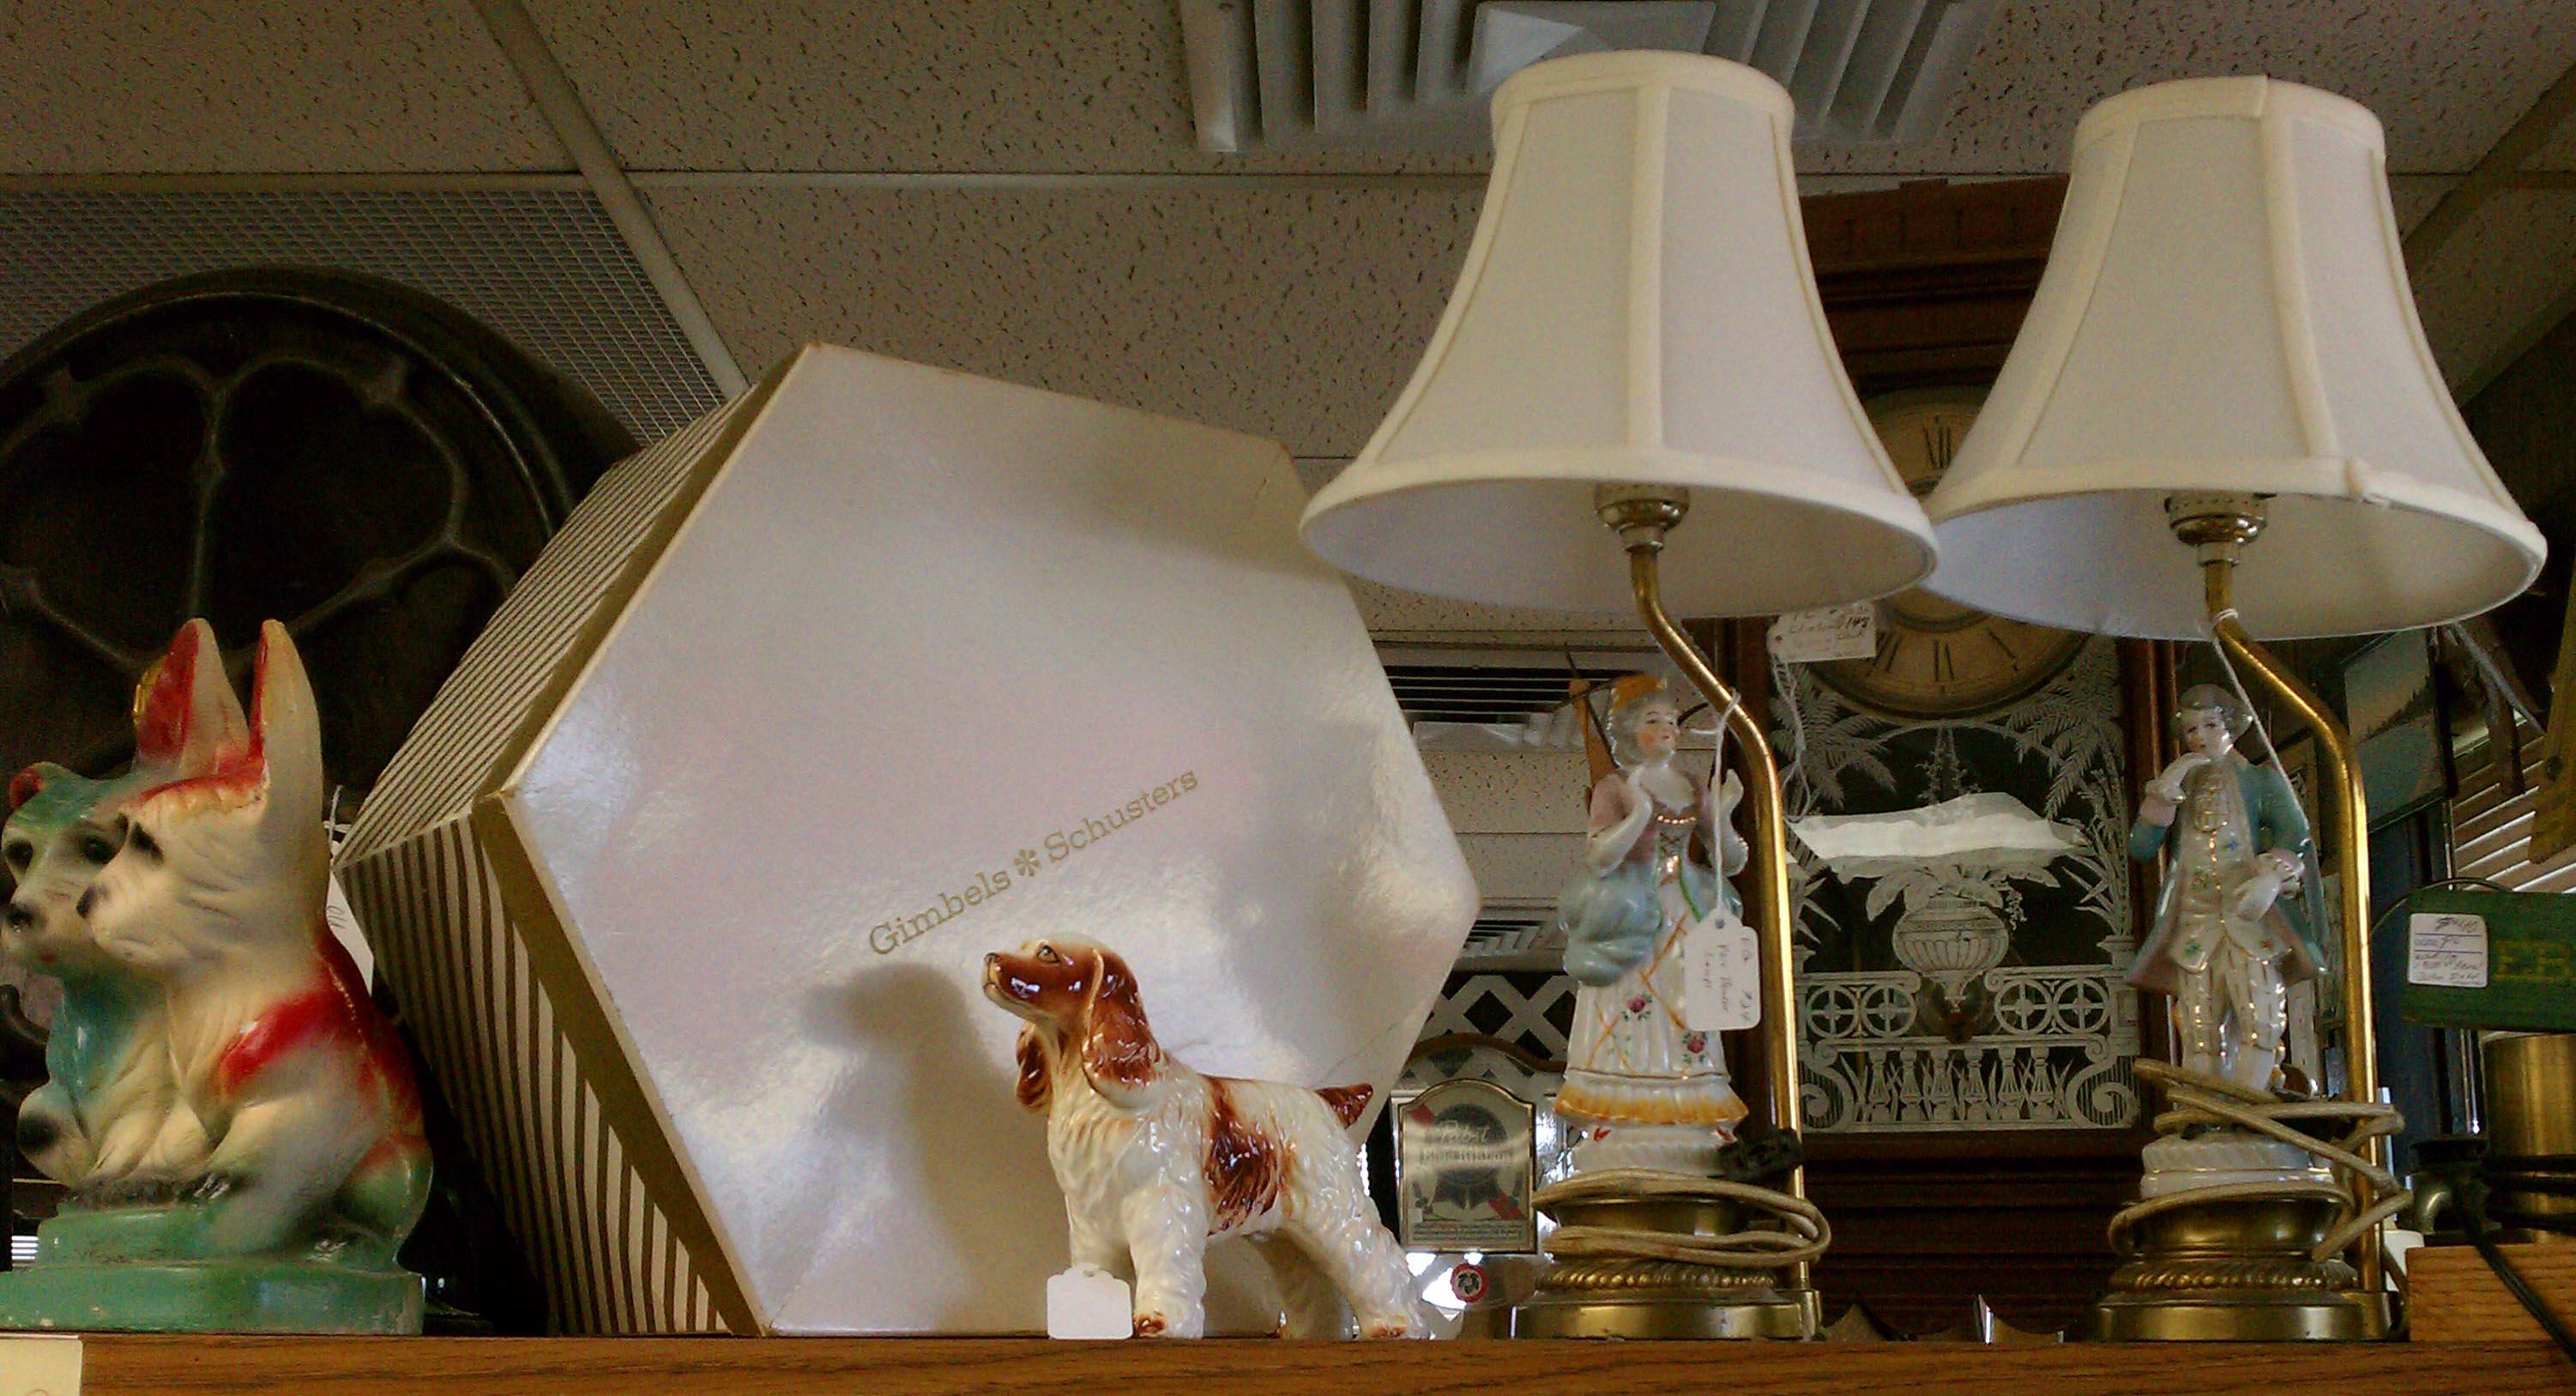 Vintage Romantic Boudoir Lamps Hat Box Dogs